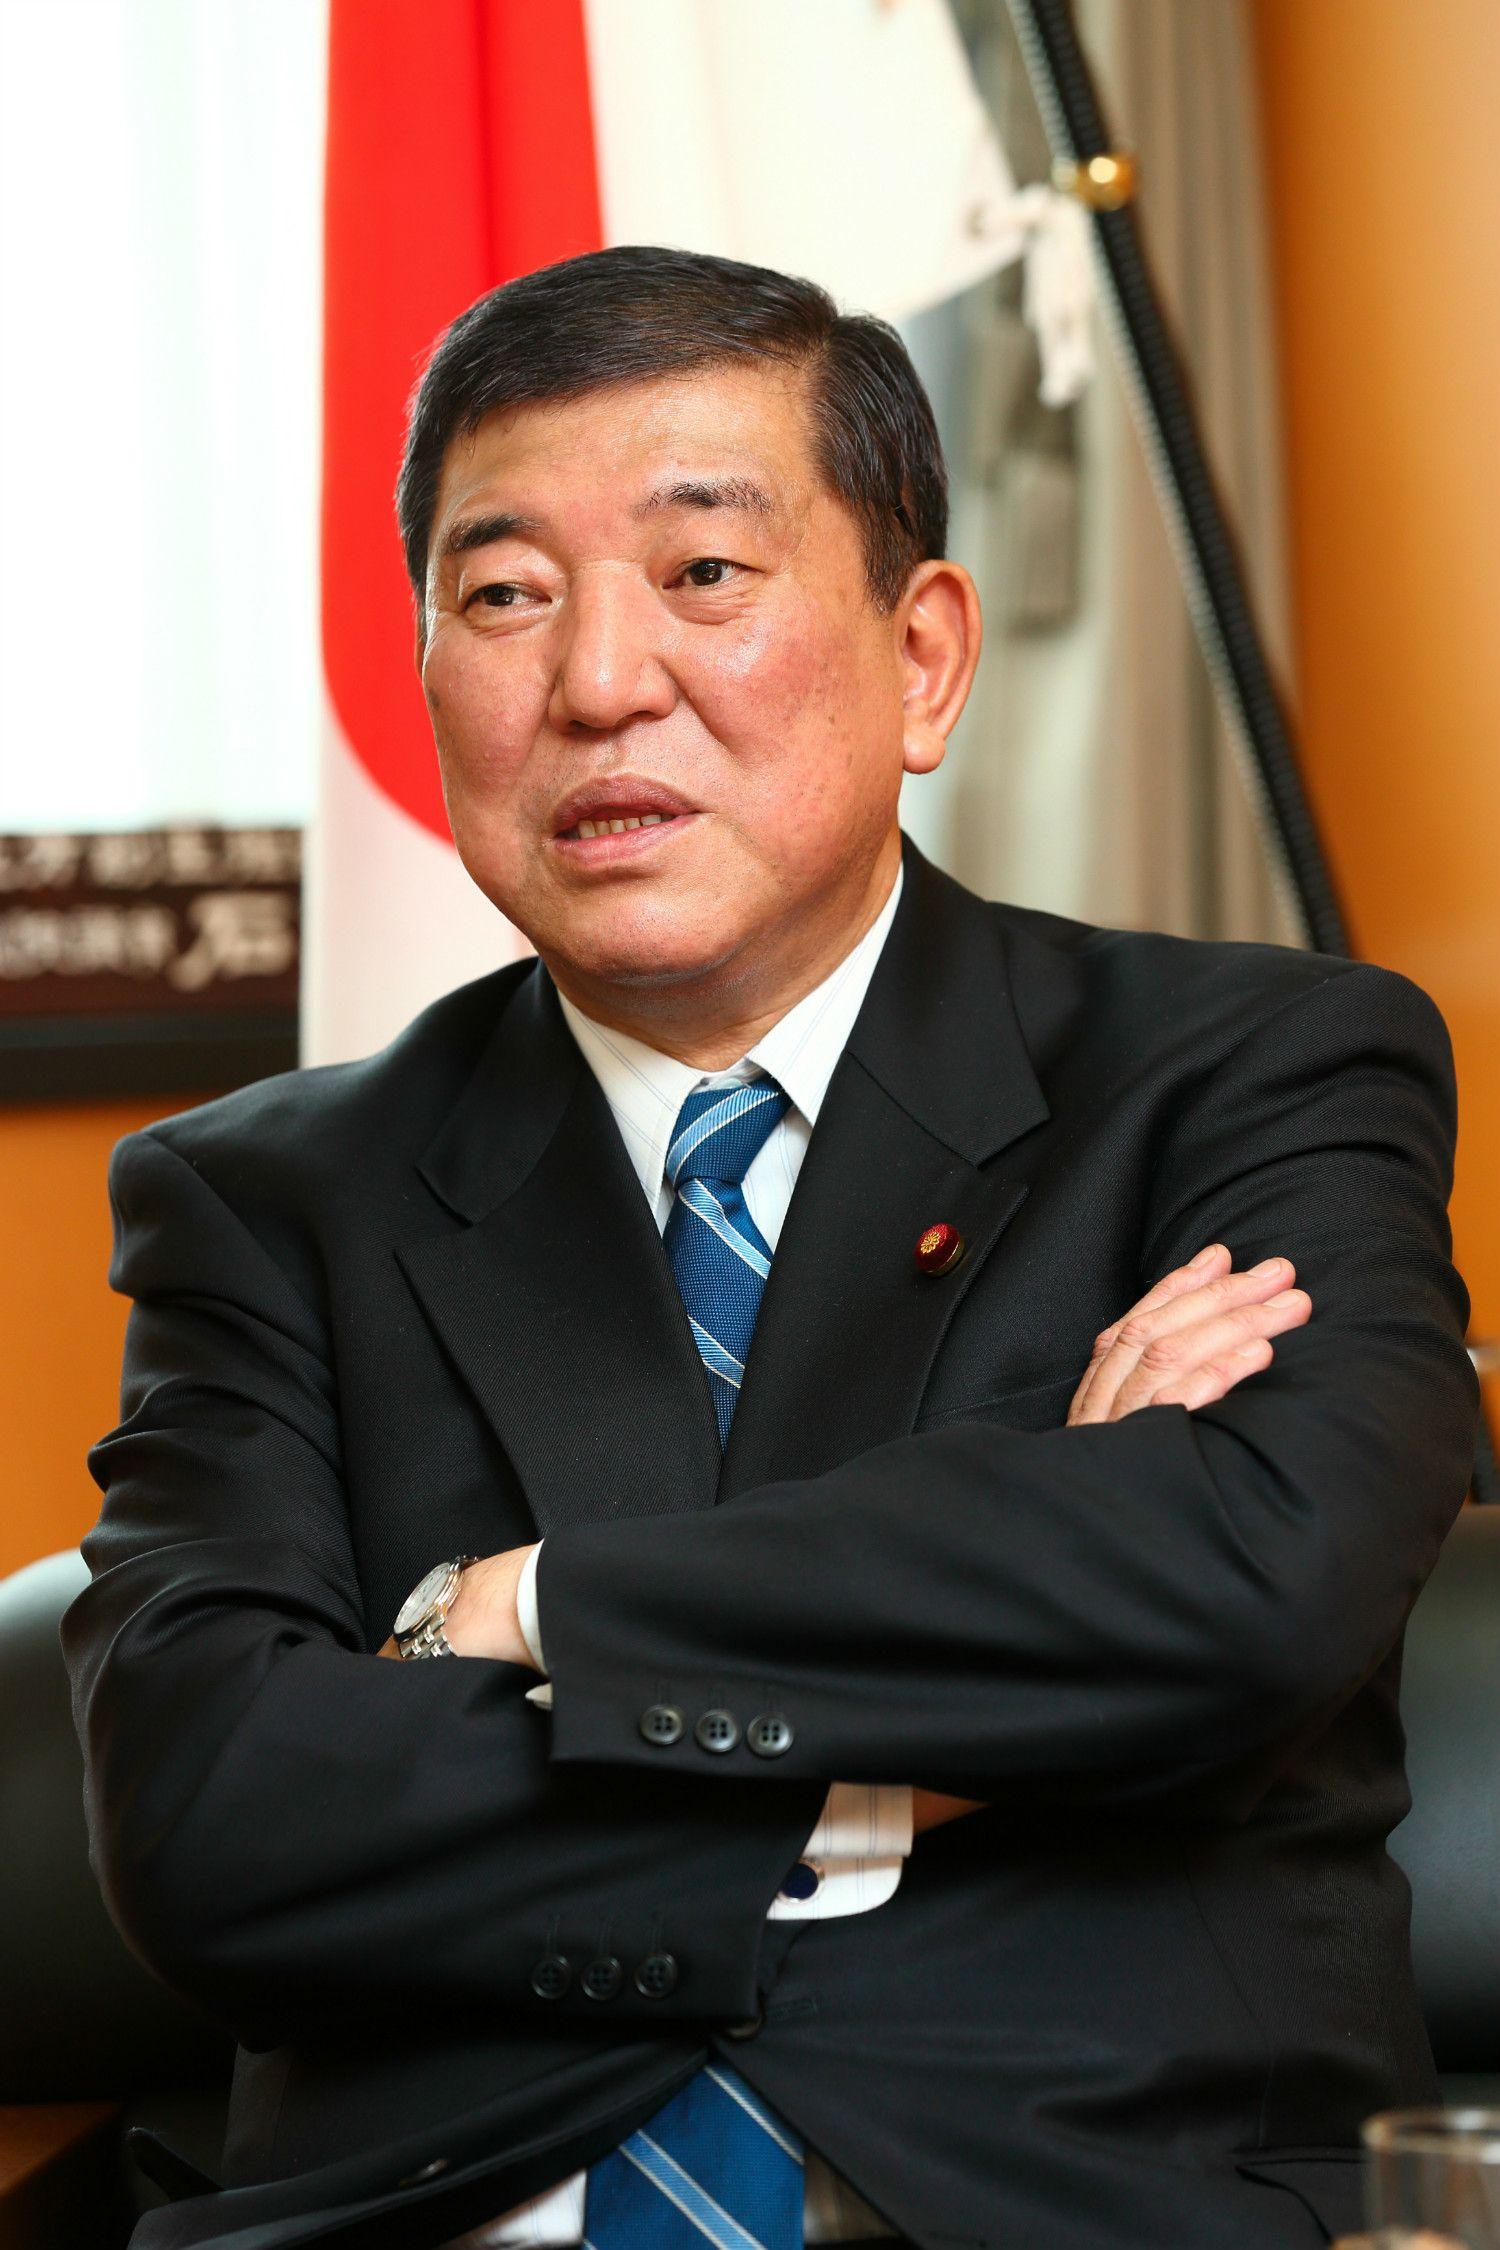 石破茂元国家戦略特区担当大臣 ©山元茂樹/文藝春秋